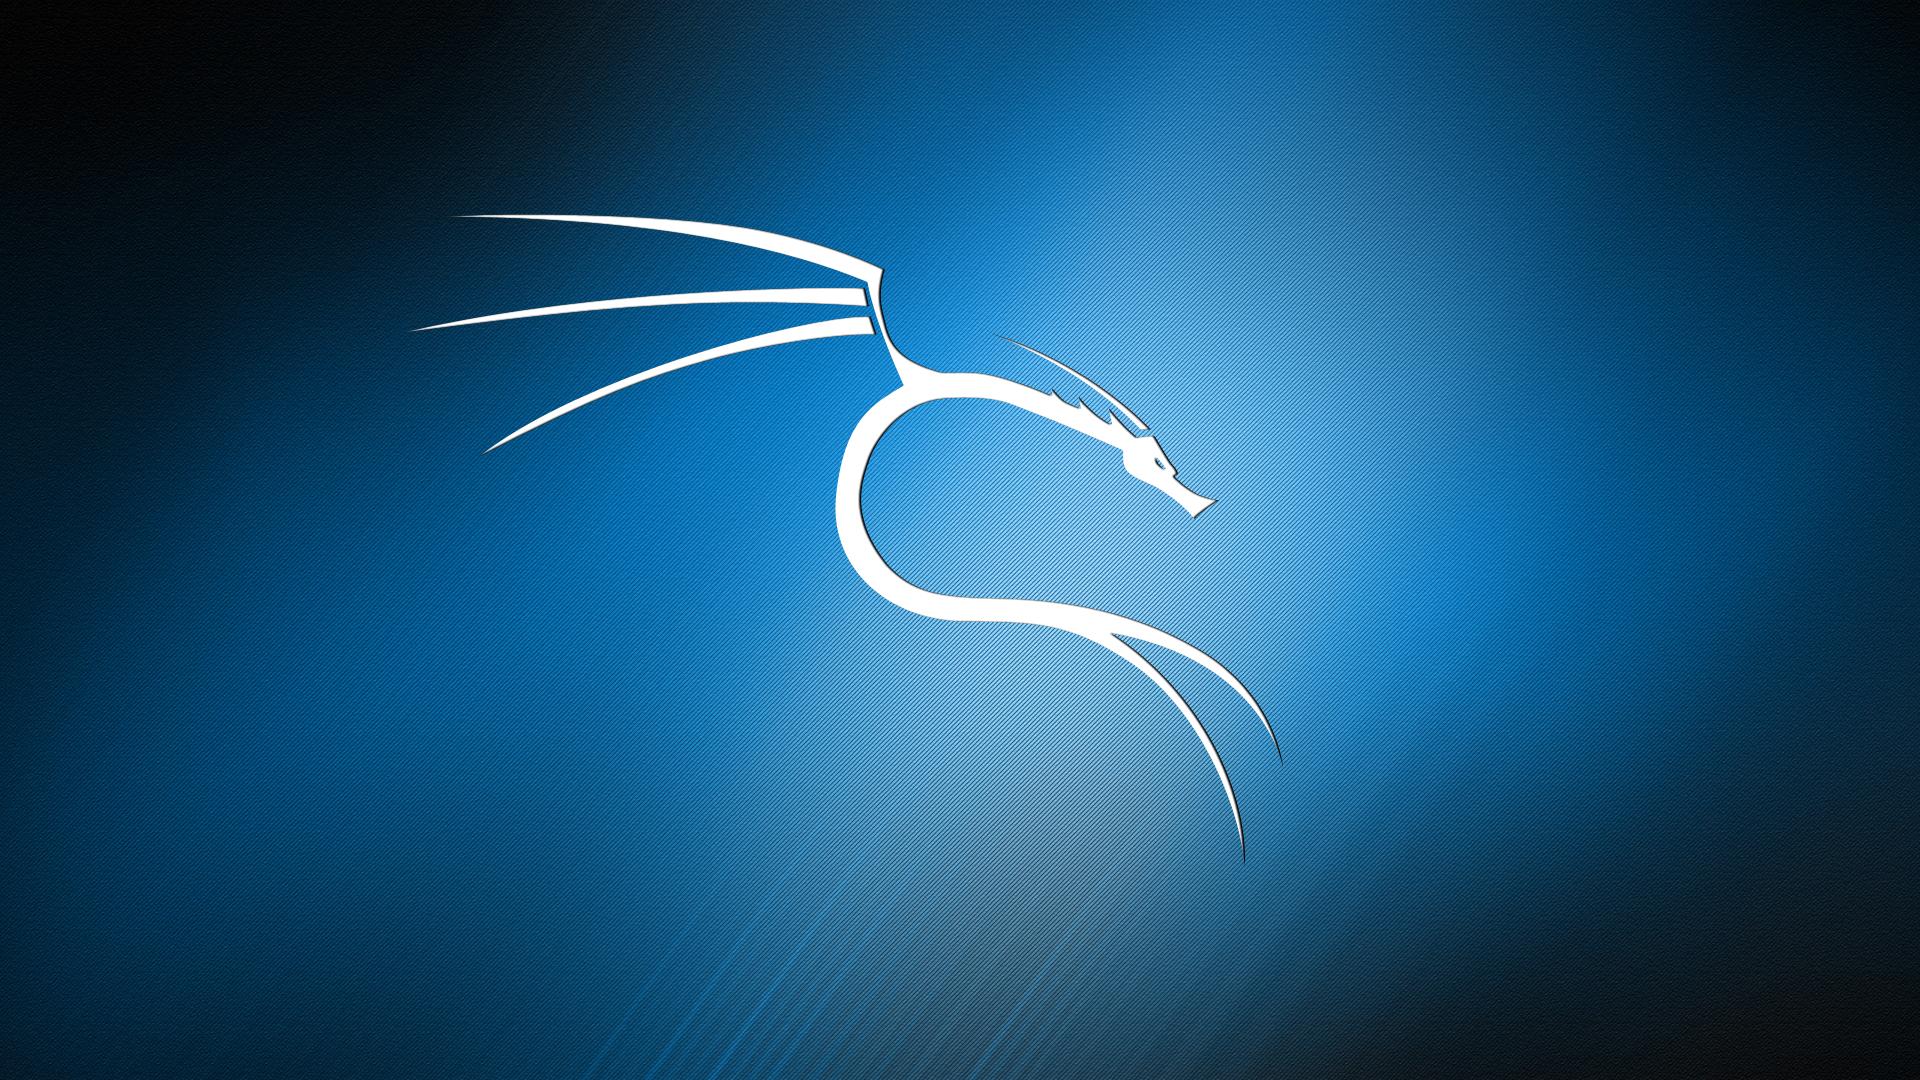 Kali Linux Dragon Wallpaper 4K